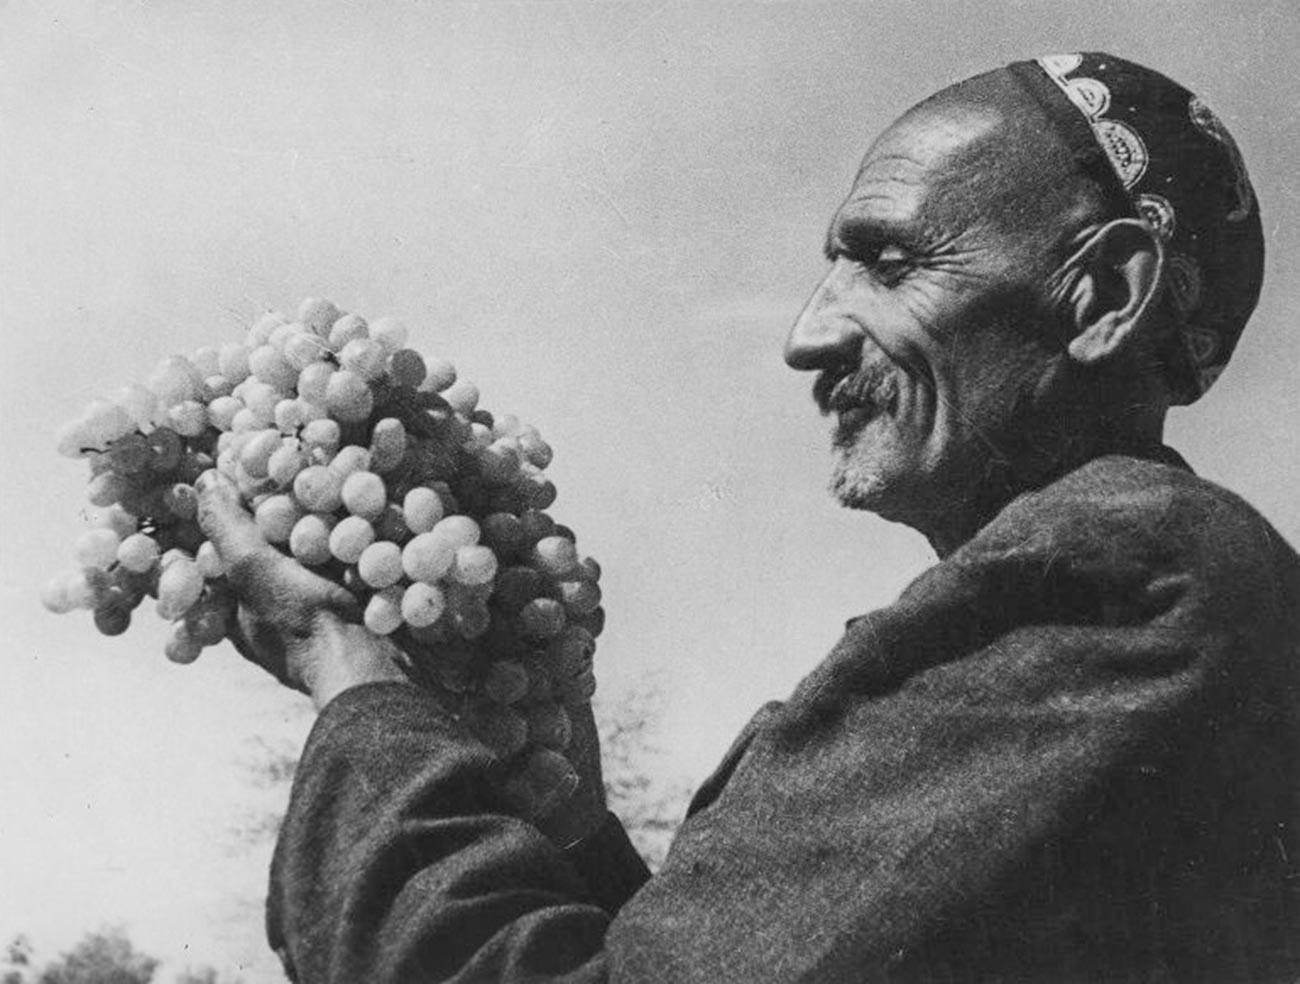 Rizamat Moussamoukhamedov, le meilleur vigneron d'Ouzbékistan, a créé une variété spéciale de raisins dans sa république, le Rundweiss. 1939